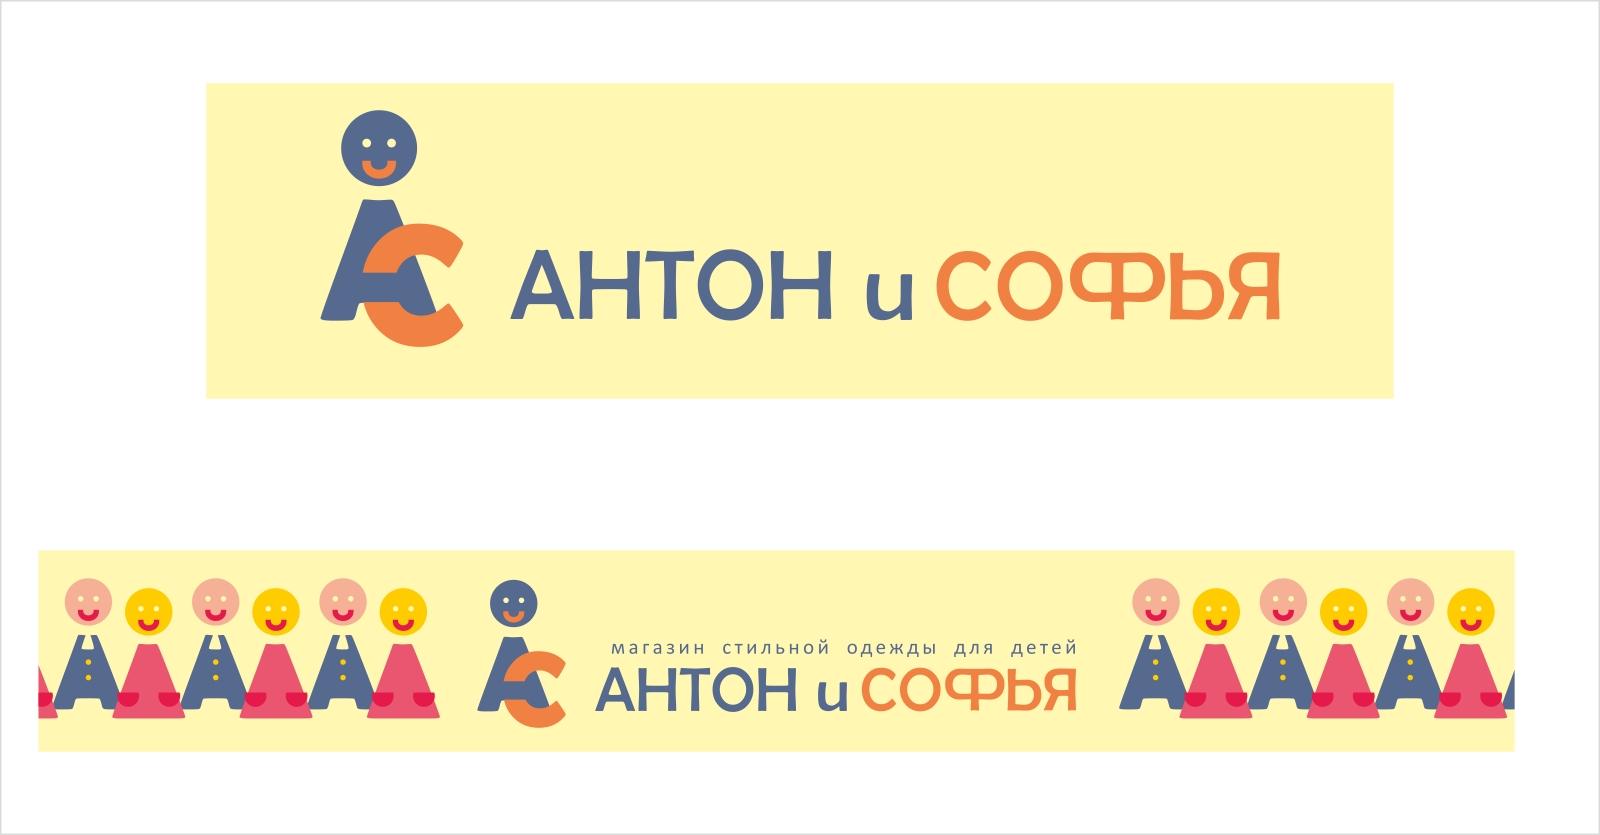 Логотип и вывеска для магазина детской одежды фото f_4c83ec198ef6a.jpg